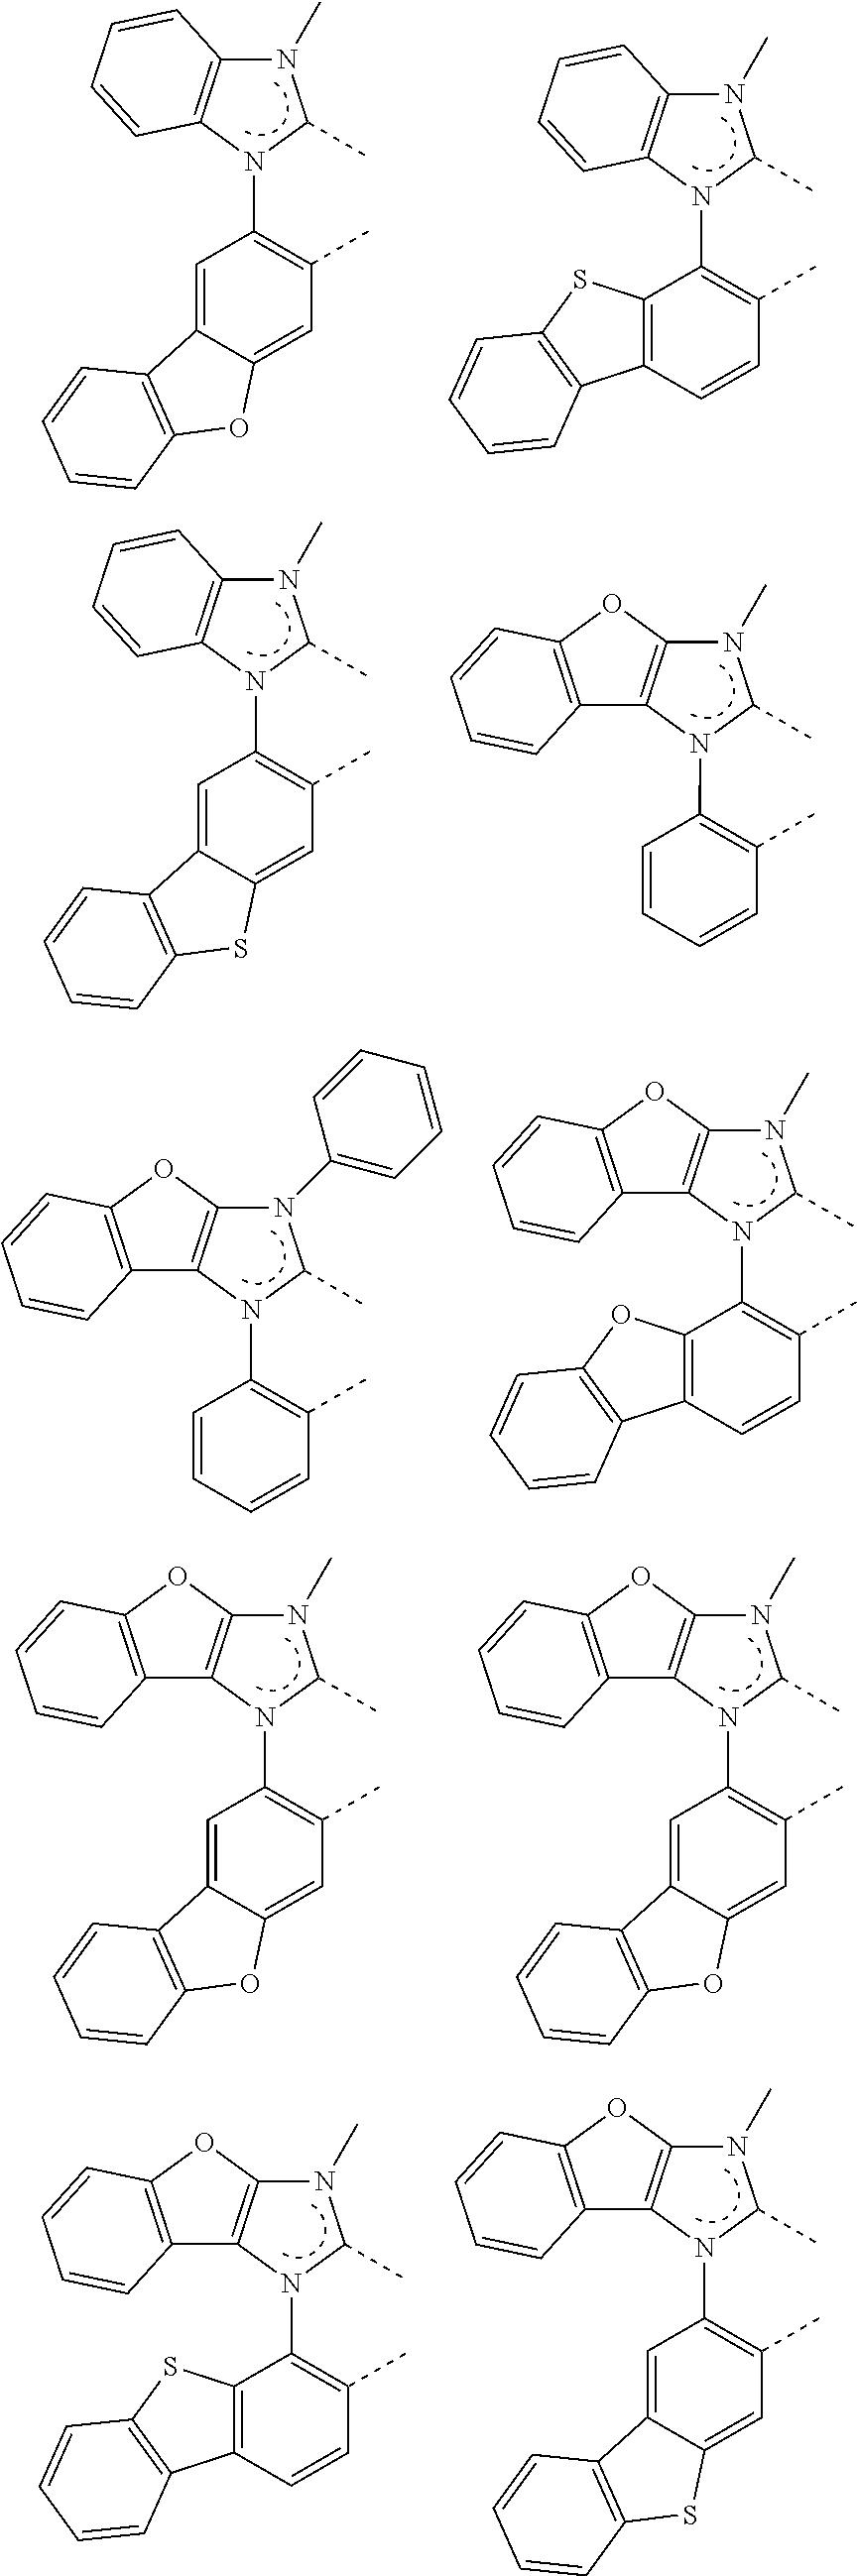 Figure US09773985-20170926-C00028